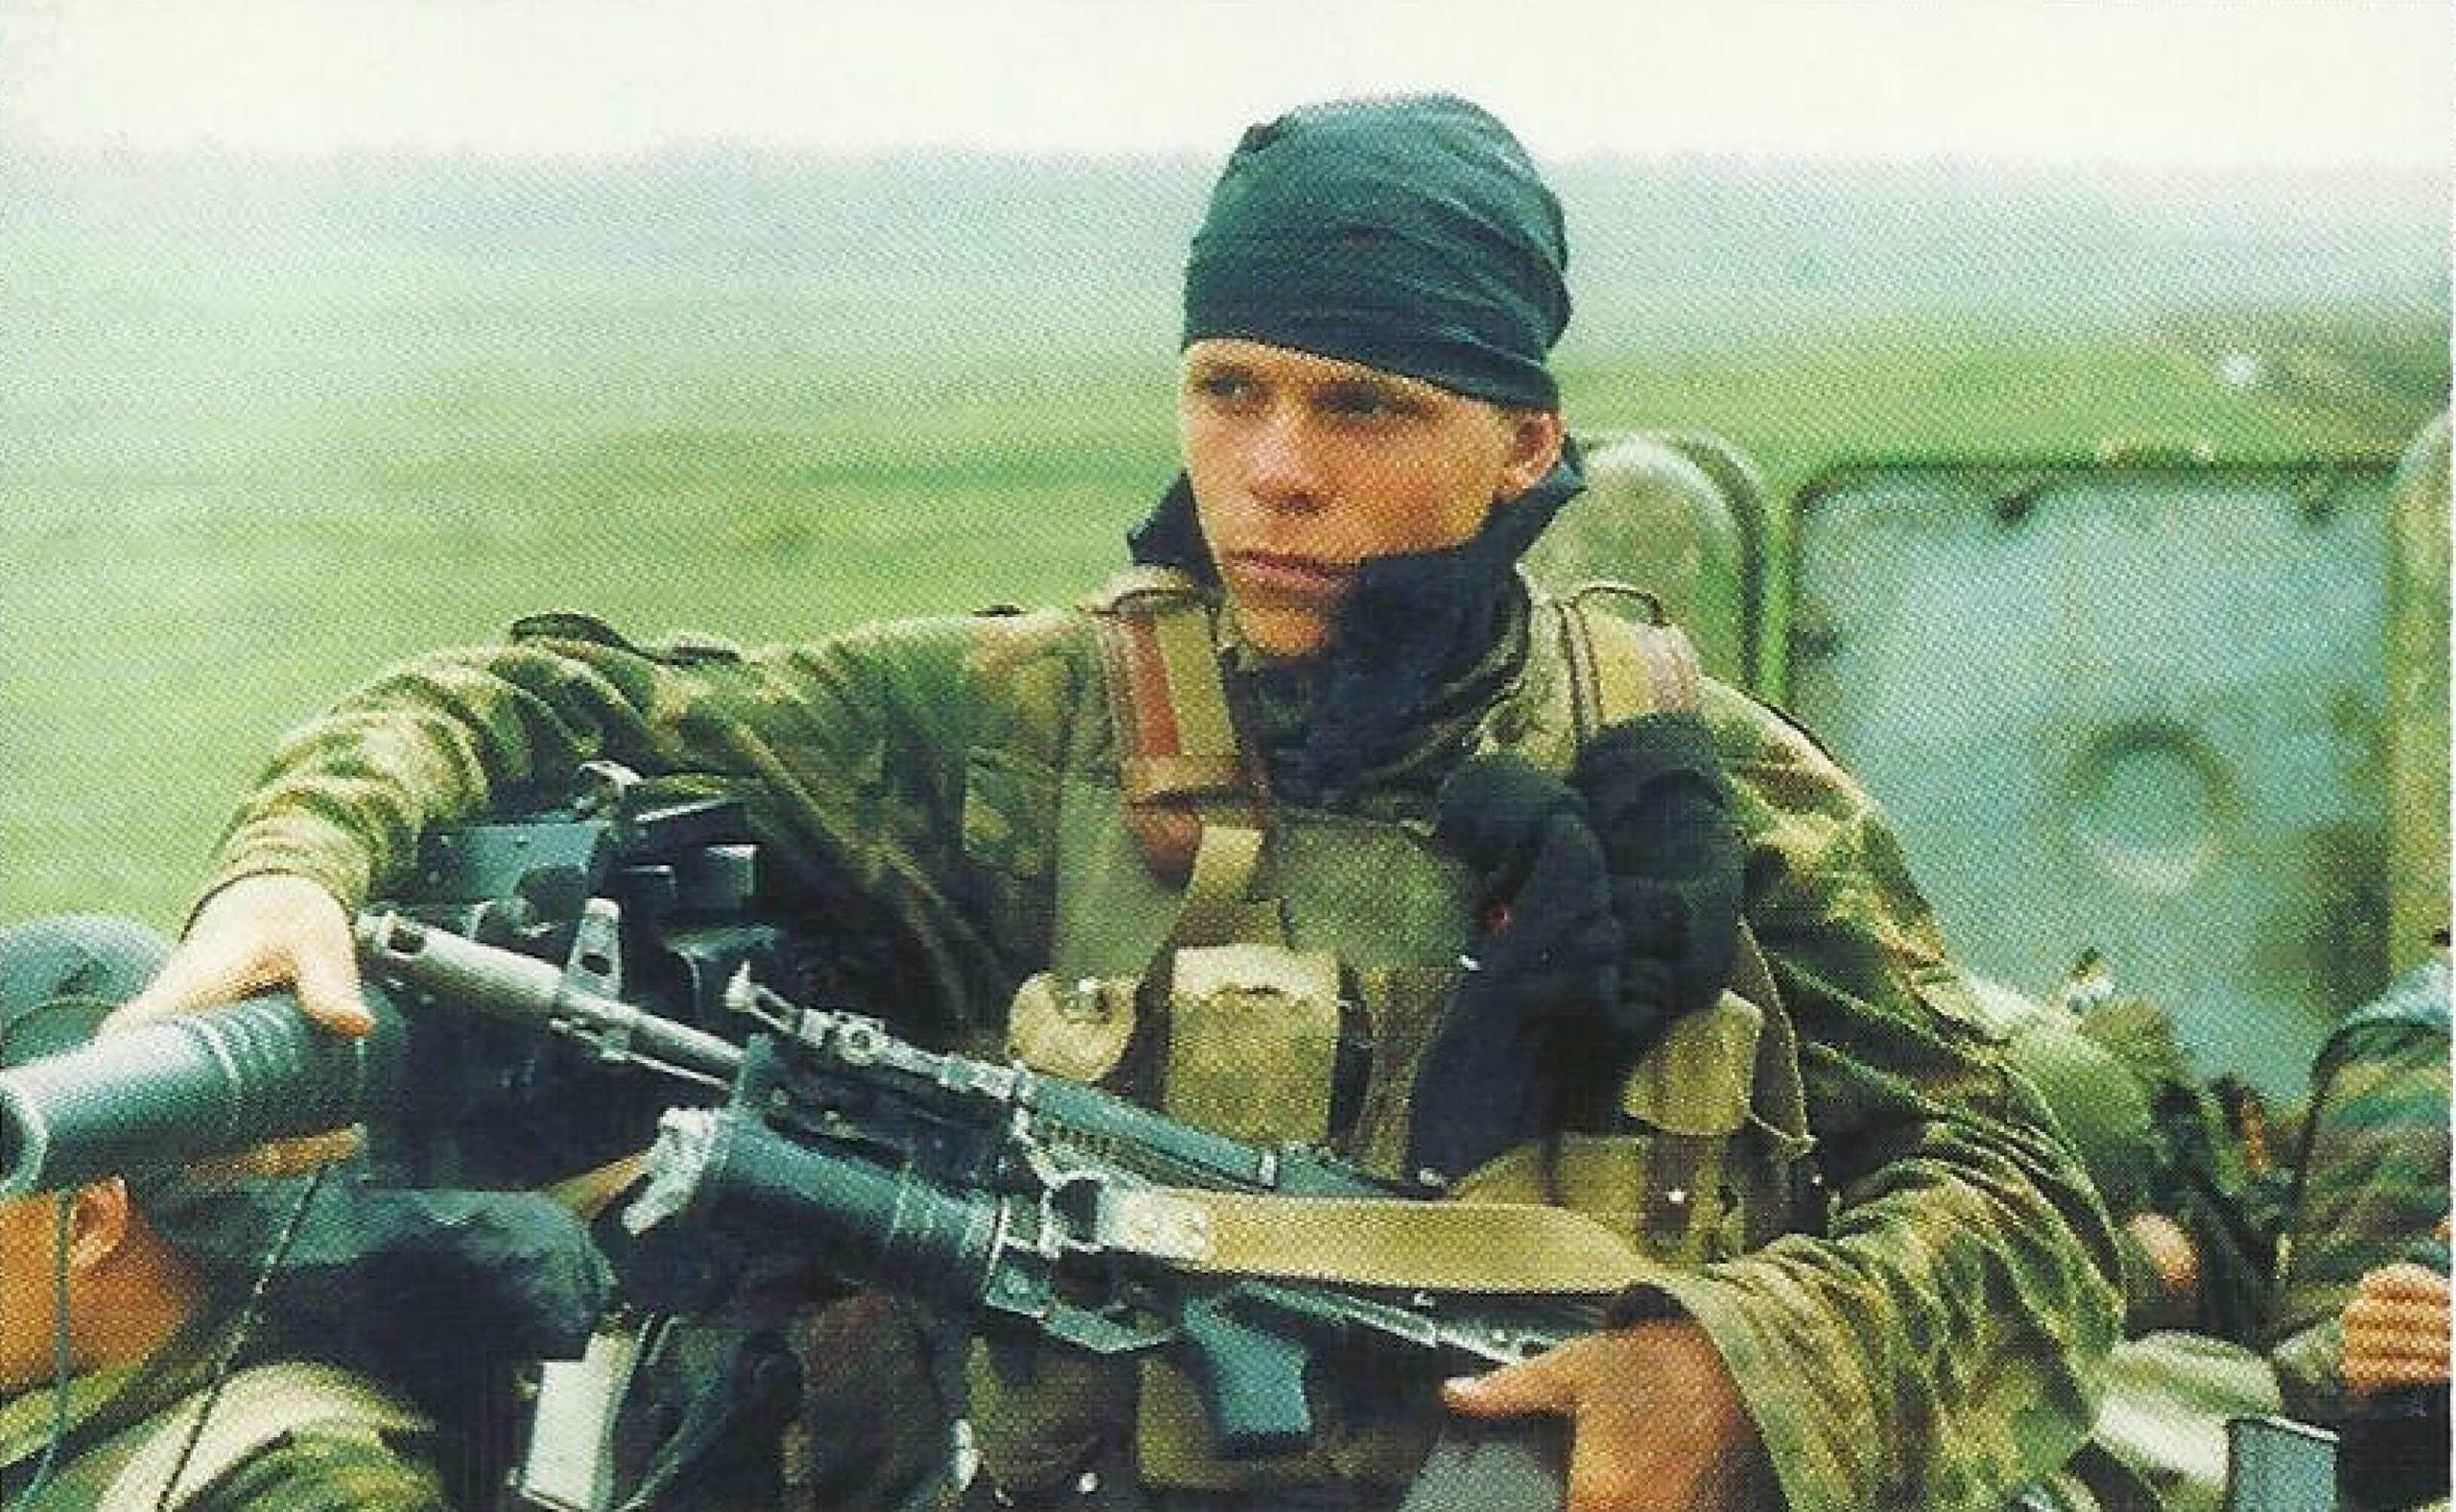 Картинки спецназа росич